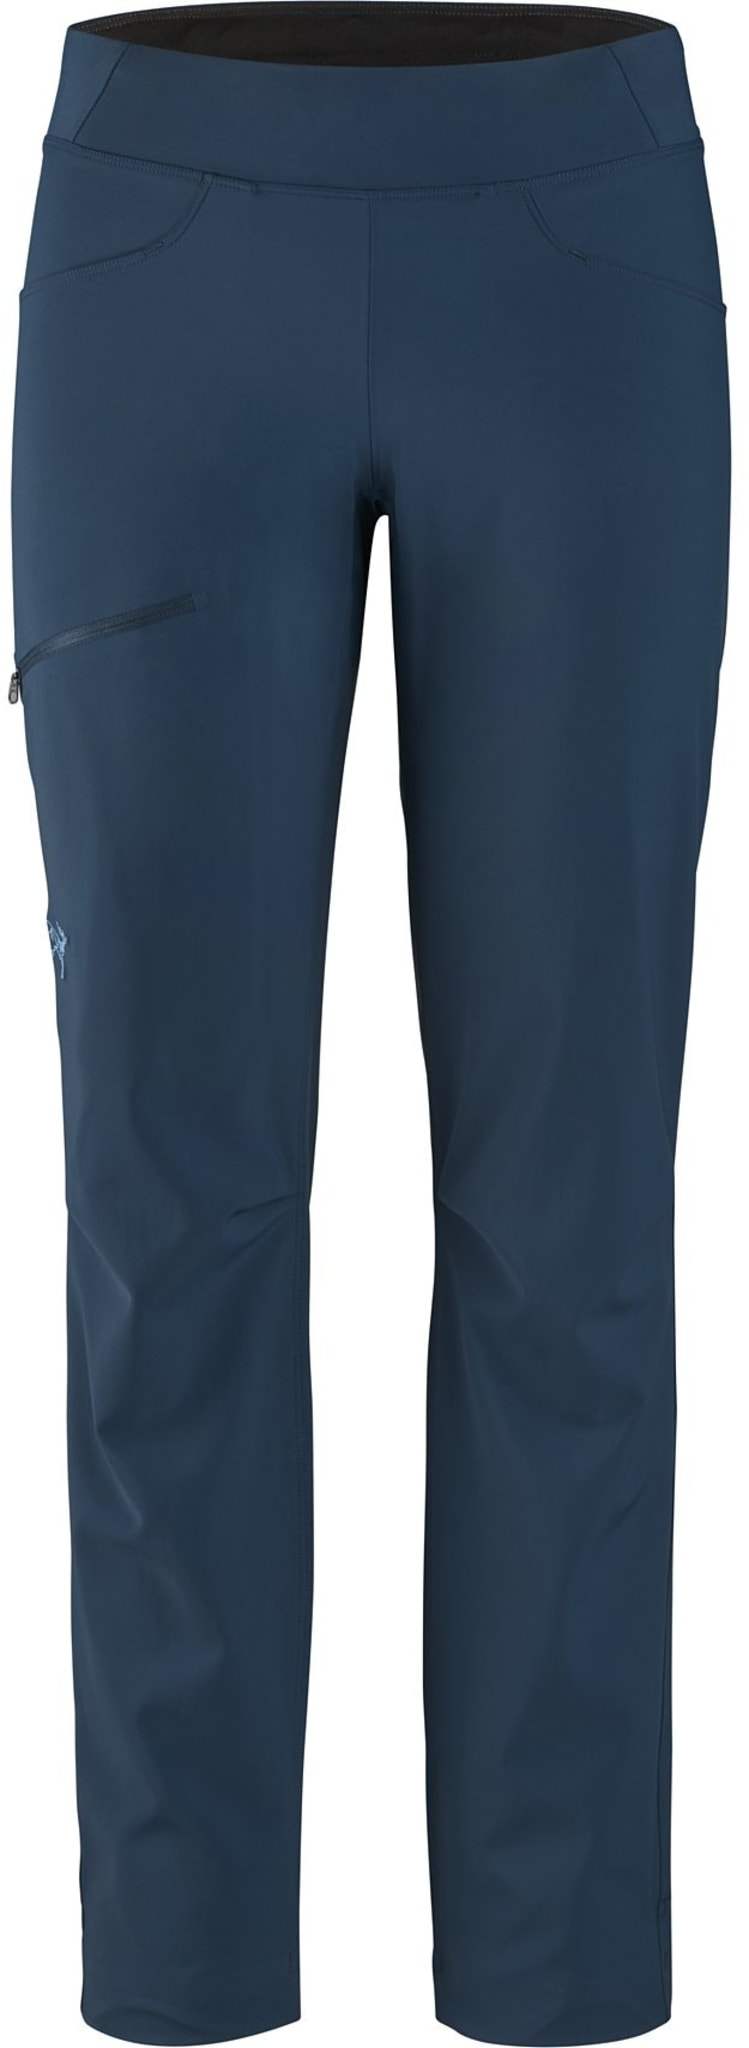 Rask bukse med forsterkninger for klatreren